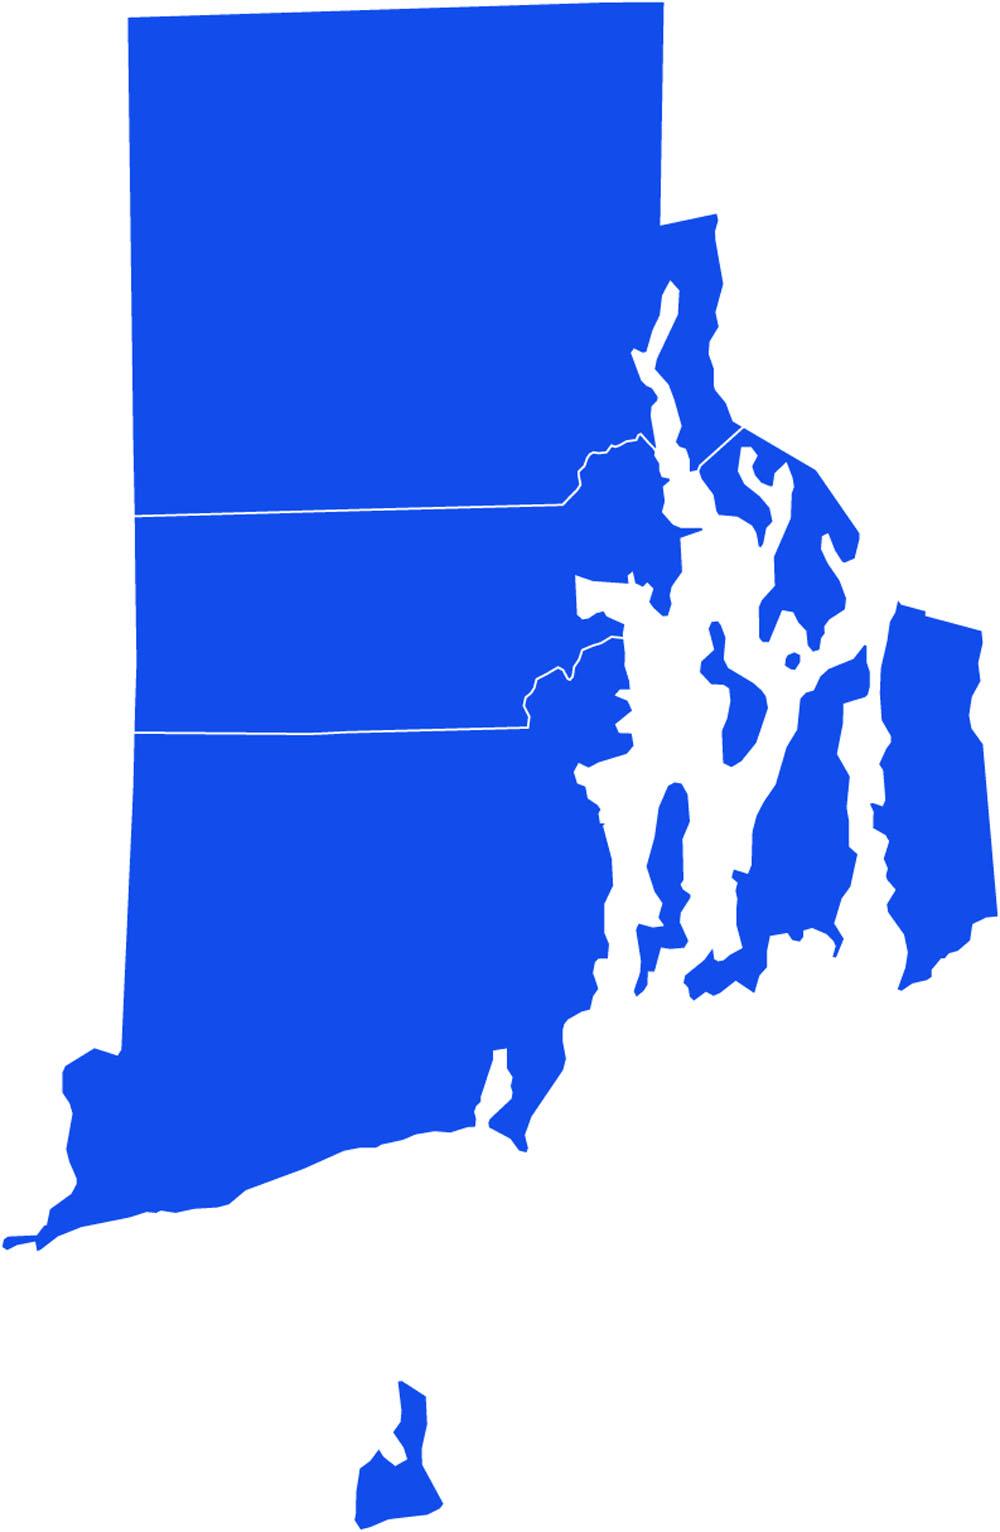 Rhode Island graphic